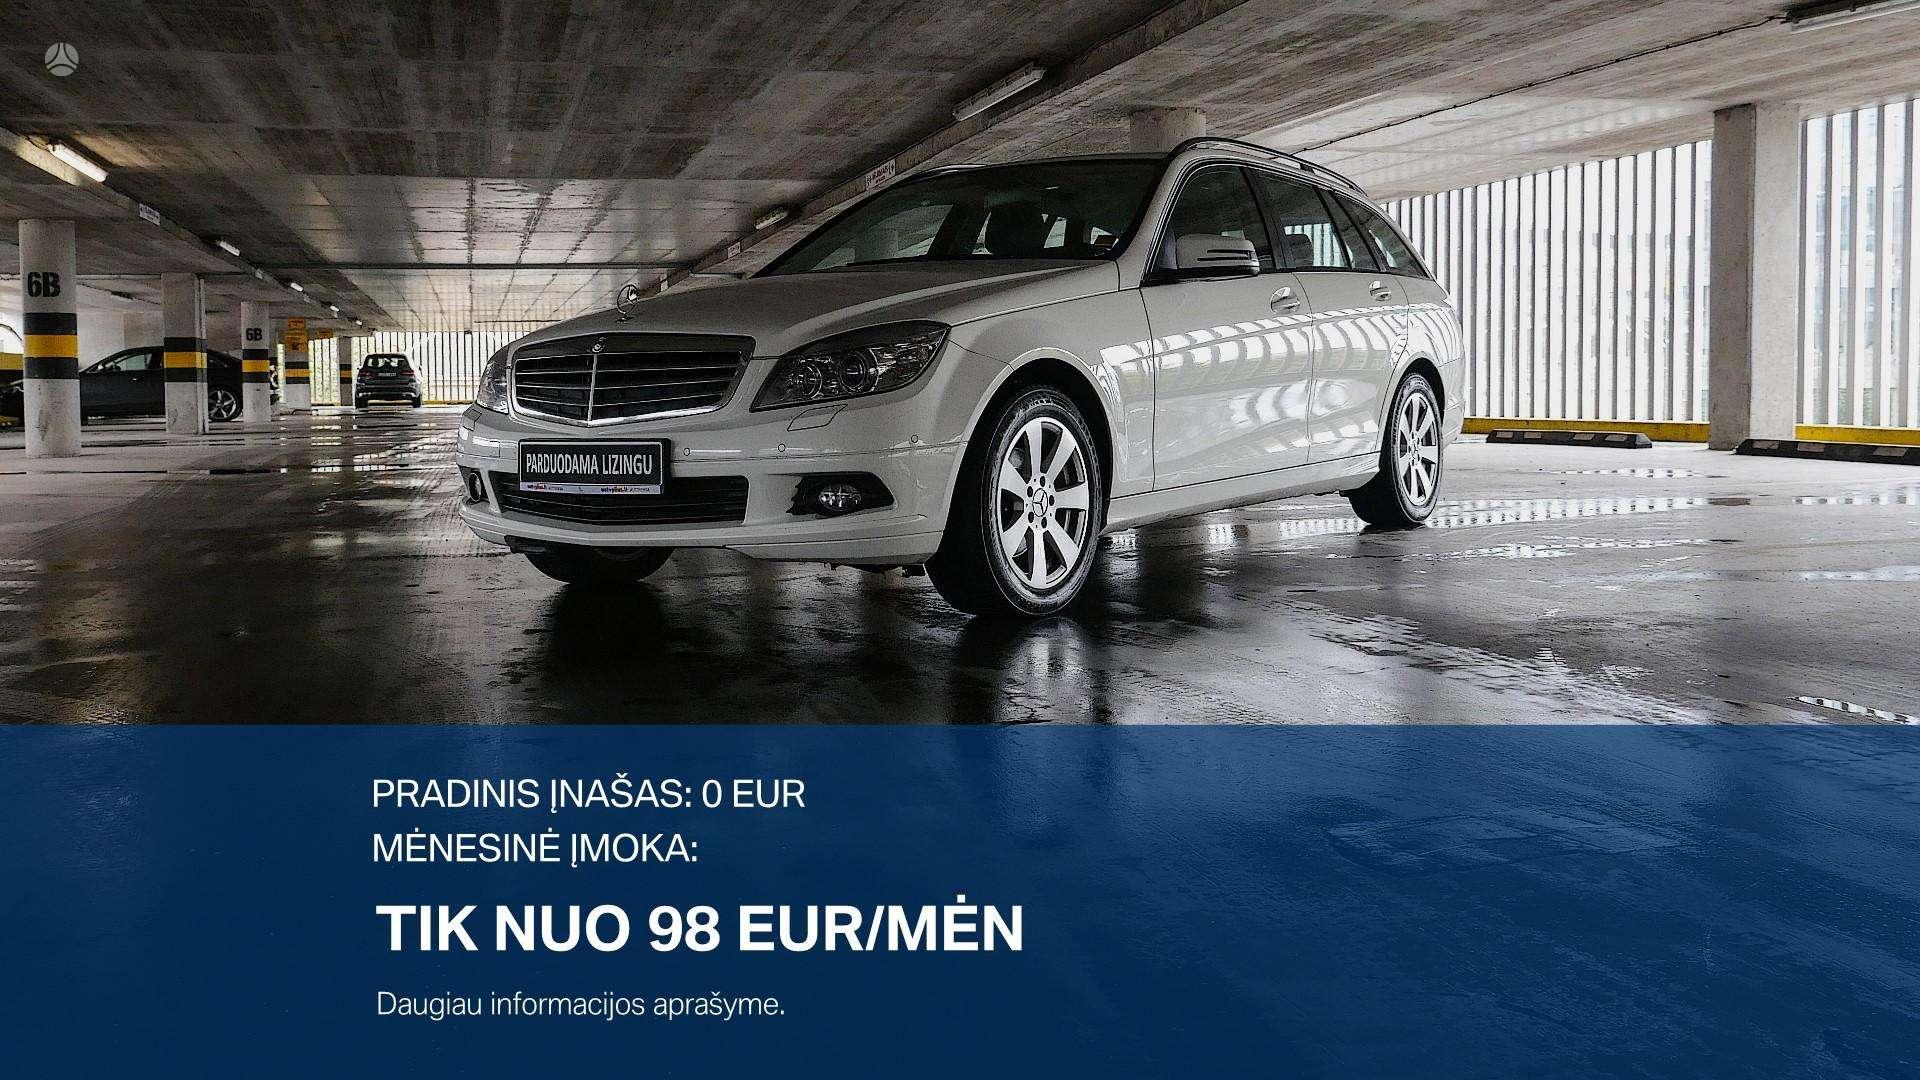 Mercedes-Benz C200 Išsimokėtinai nuo 99Eur/Mėn su 3 mėnesių garantija